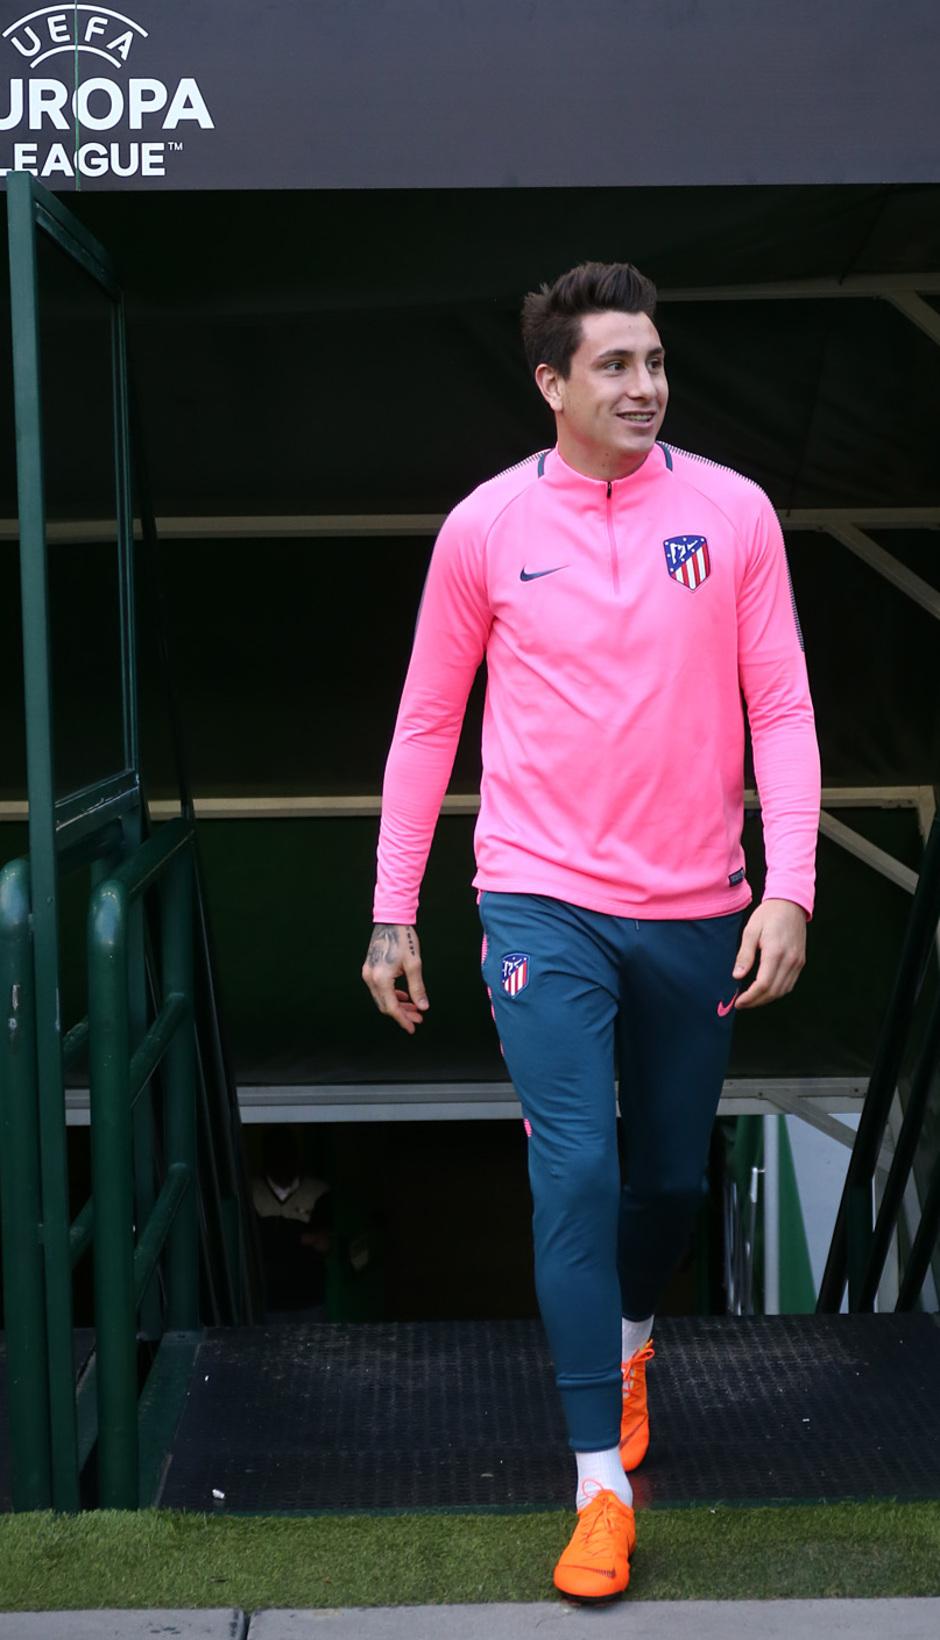 Temp. 17-18 | Europa League | Entrenamiento en el José Alvalade | Giménez